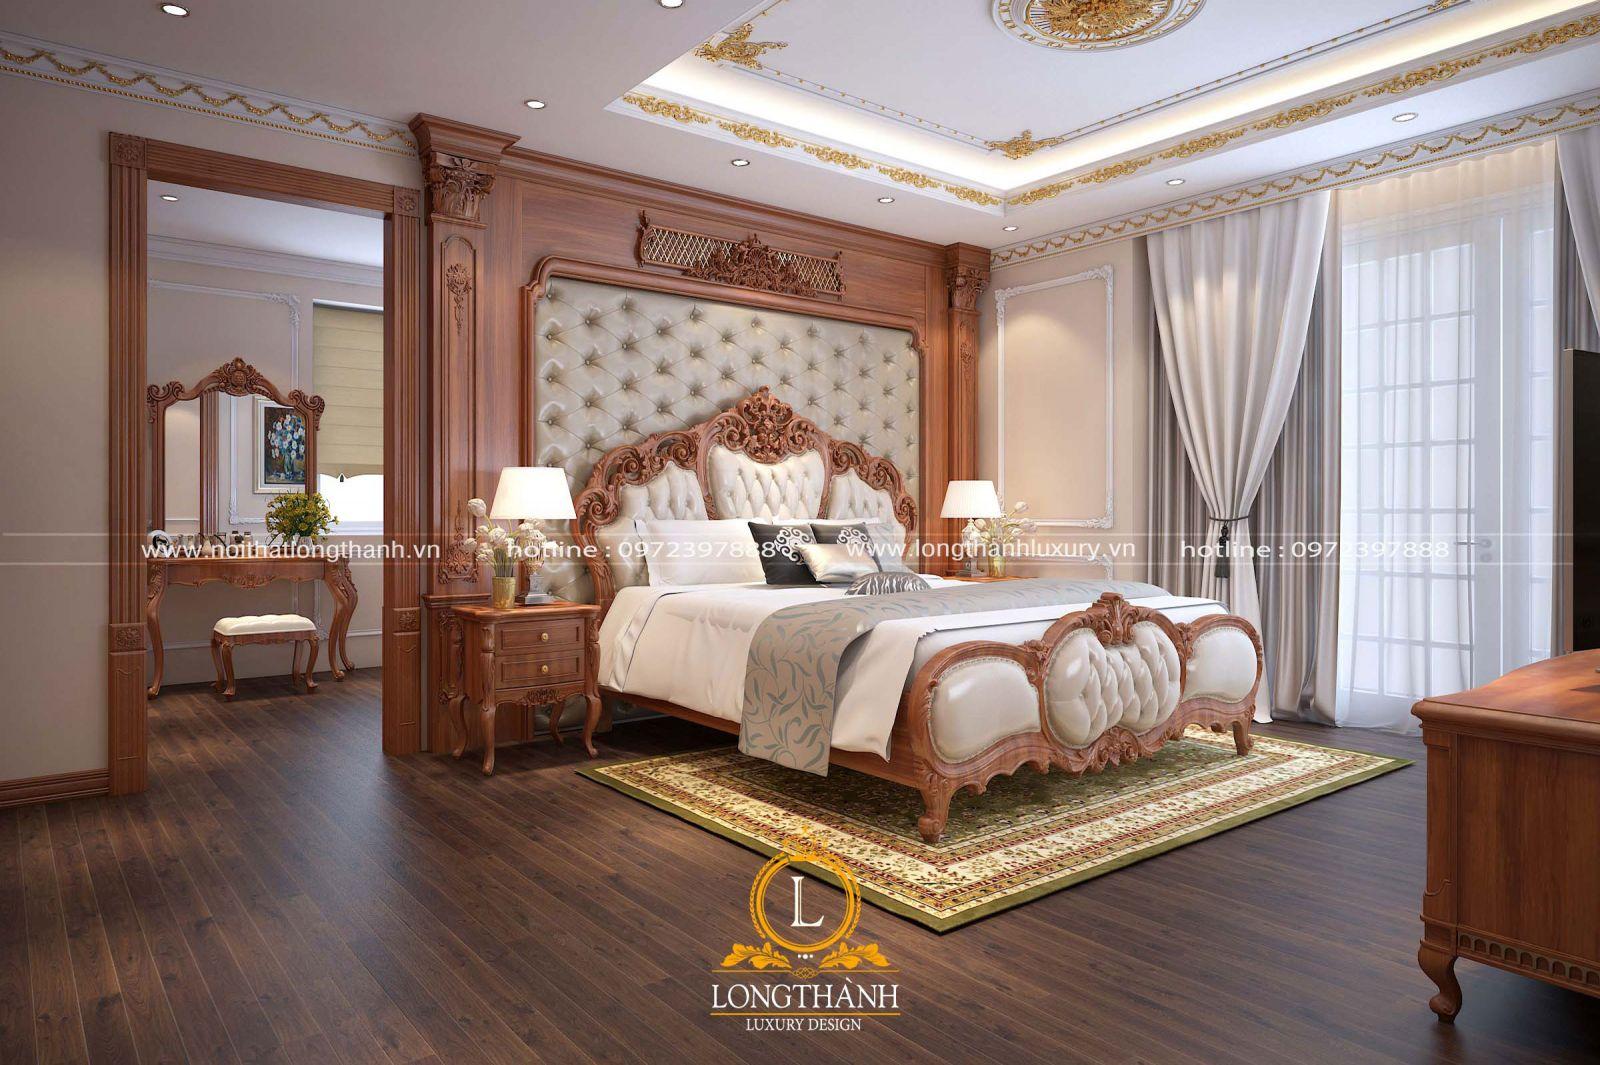 Thiết kế nội thất phòng ngủ master rộng cho biệt thự song lập